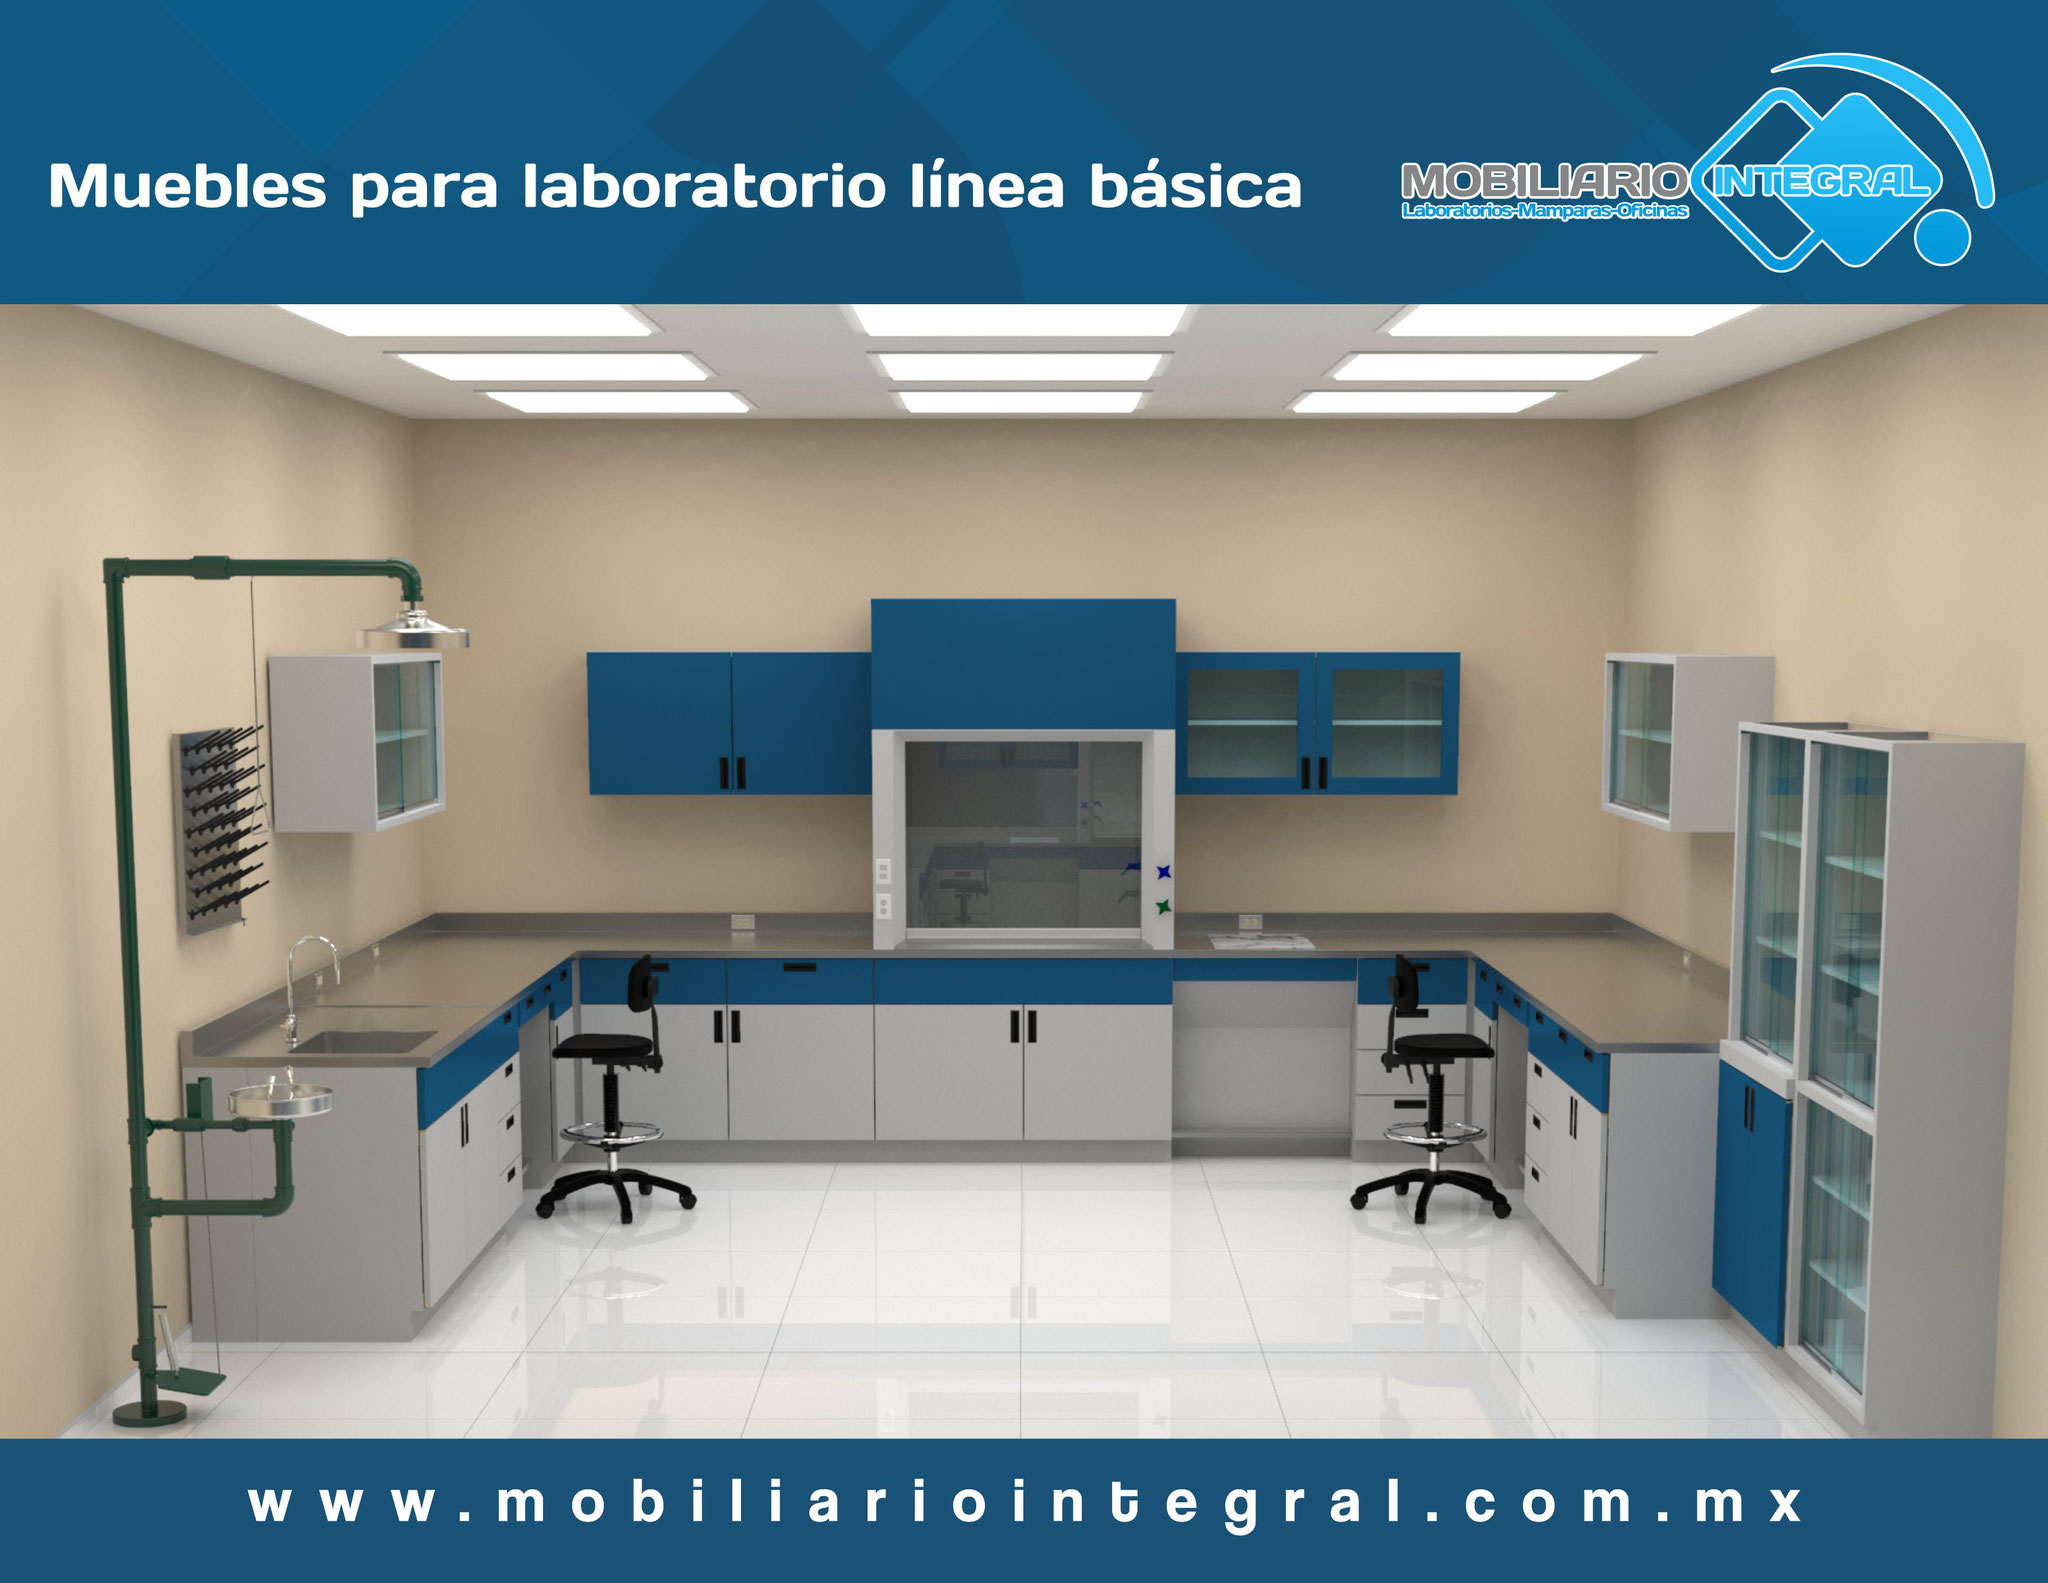 Muebles para laboratorio en Ecatepec